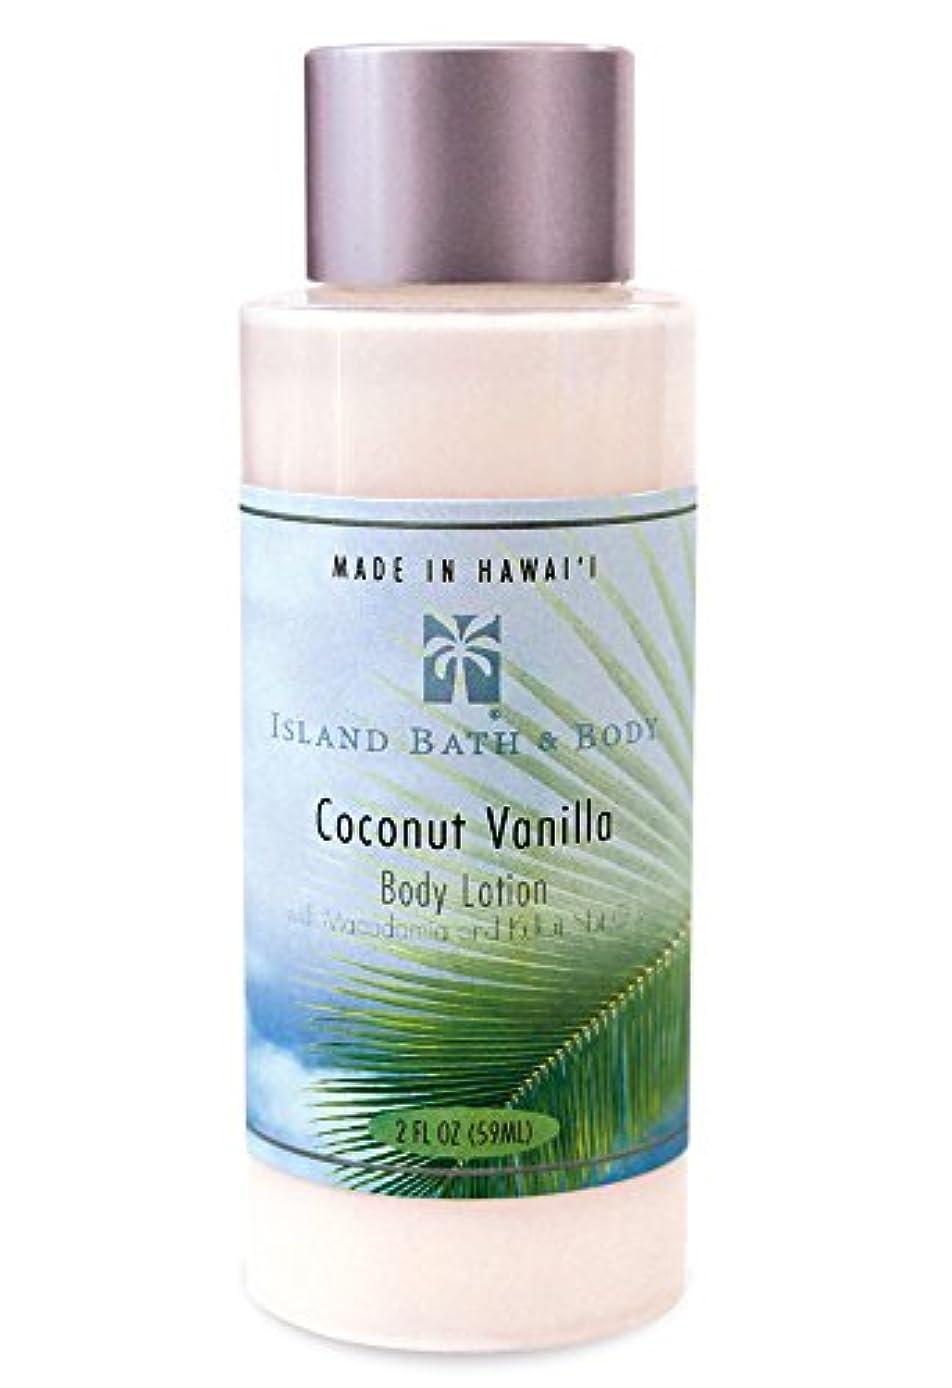 両方ロードされた脱臼するIsland Bath&Body(アイランド バス&ボディ) ボディーローション 2oz/Coconut Vanilla